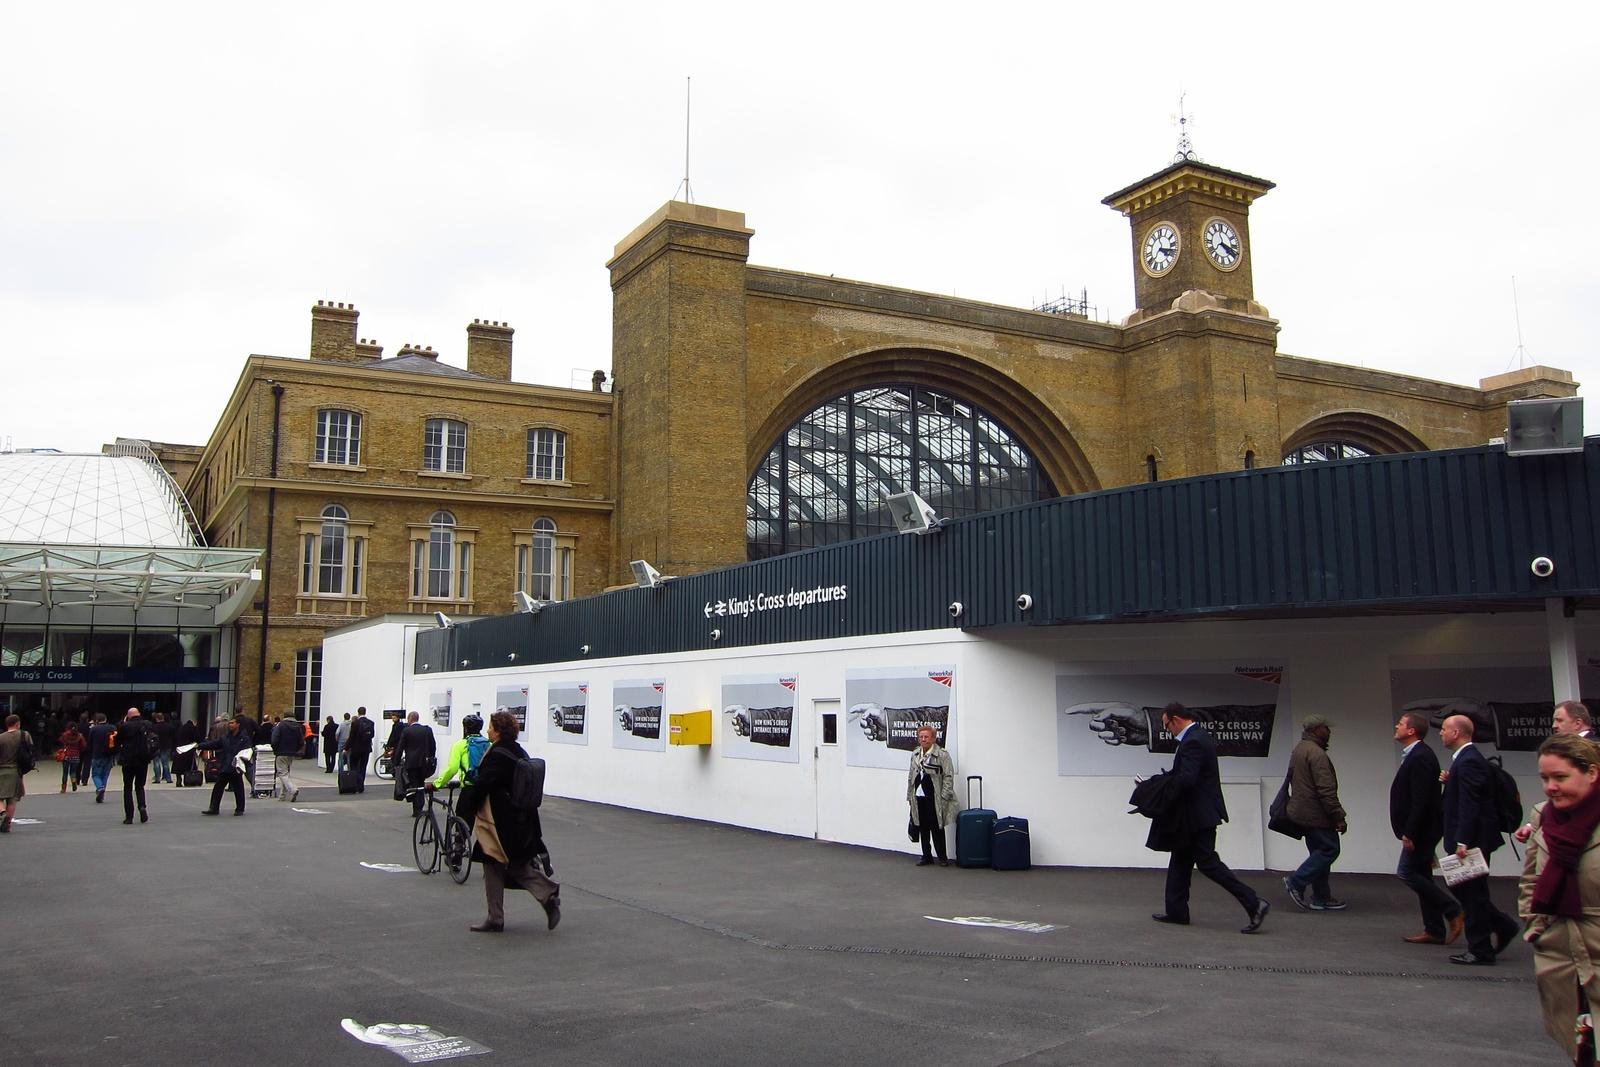 Kings Cross Station Car Park